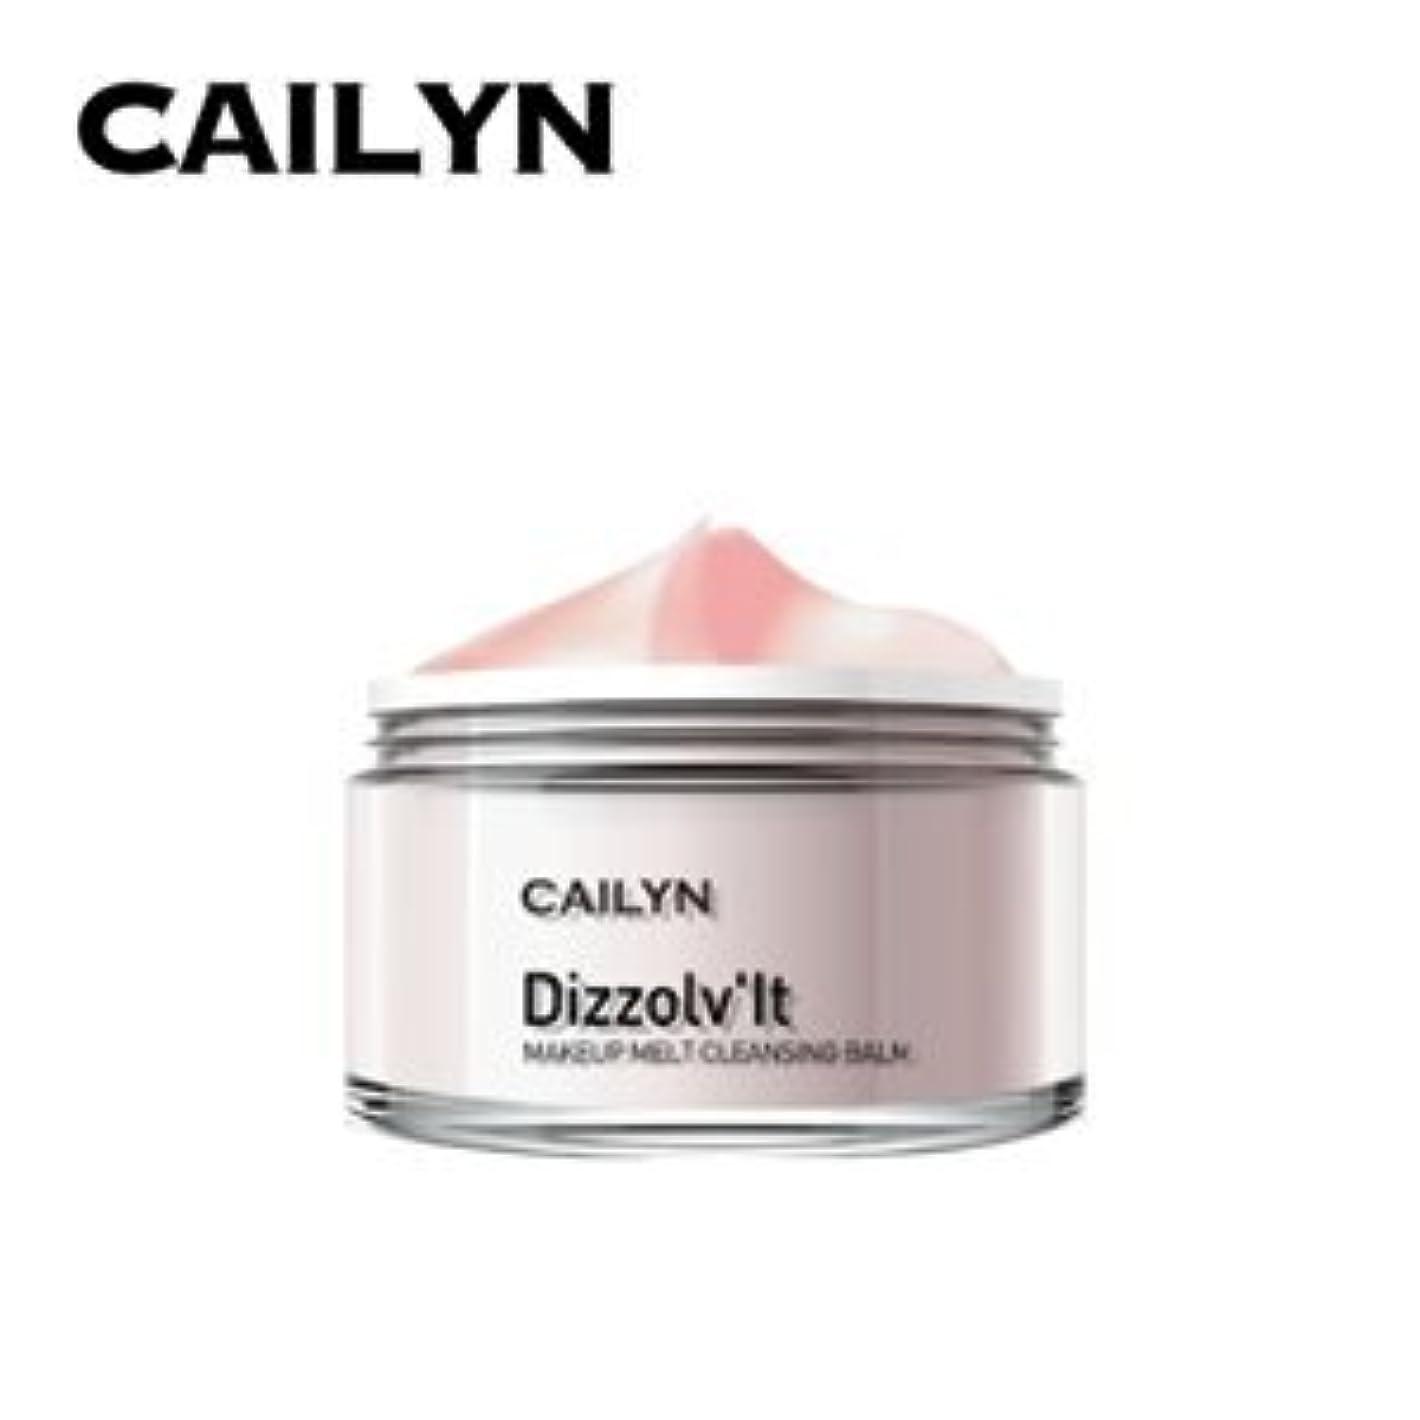 適応規制経度CAILYN(ケイリン)DizzoLv'It Makeup Melt Cleansing Balm メイク落とし洗顔